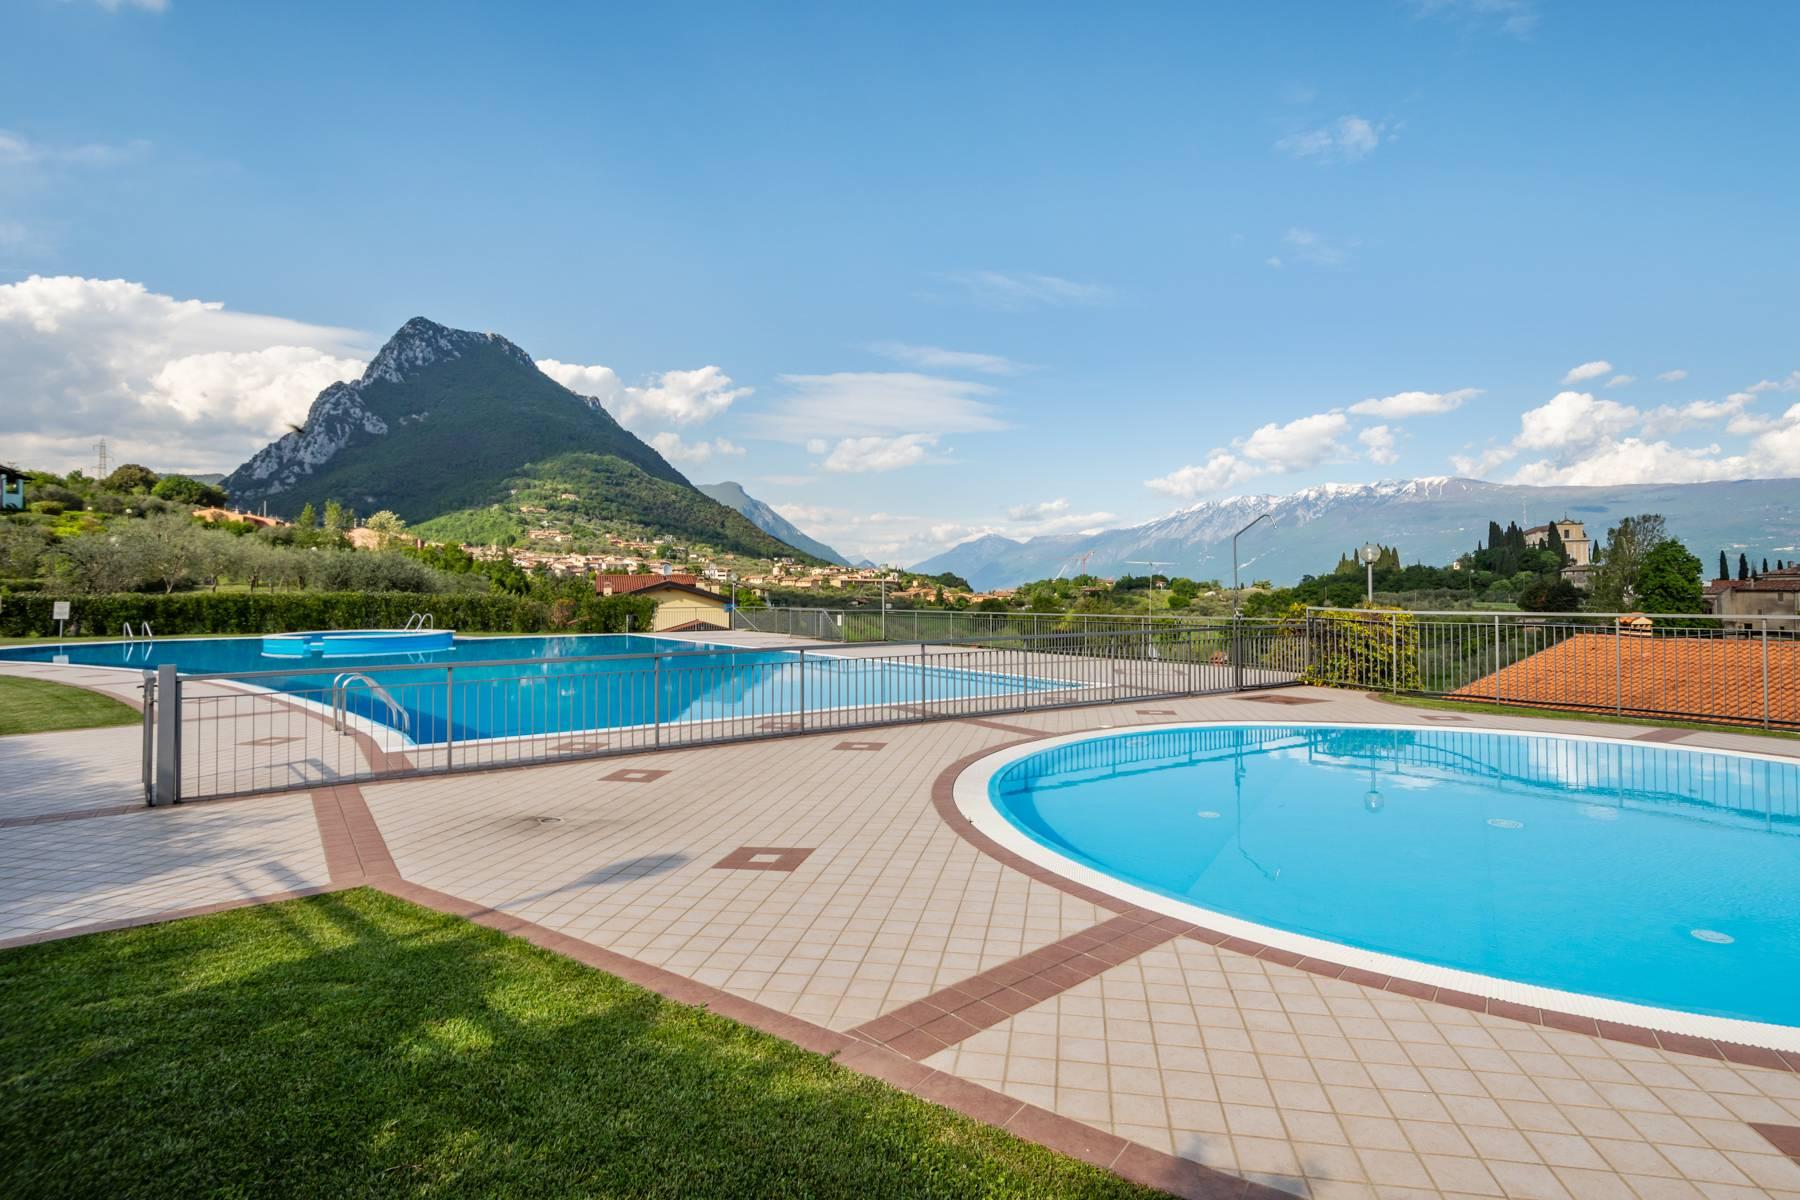 Casa indipendente in Vendita a Toscolano-Maderno: 4 locali, 76 mq - Foto 19